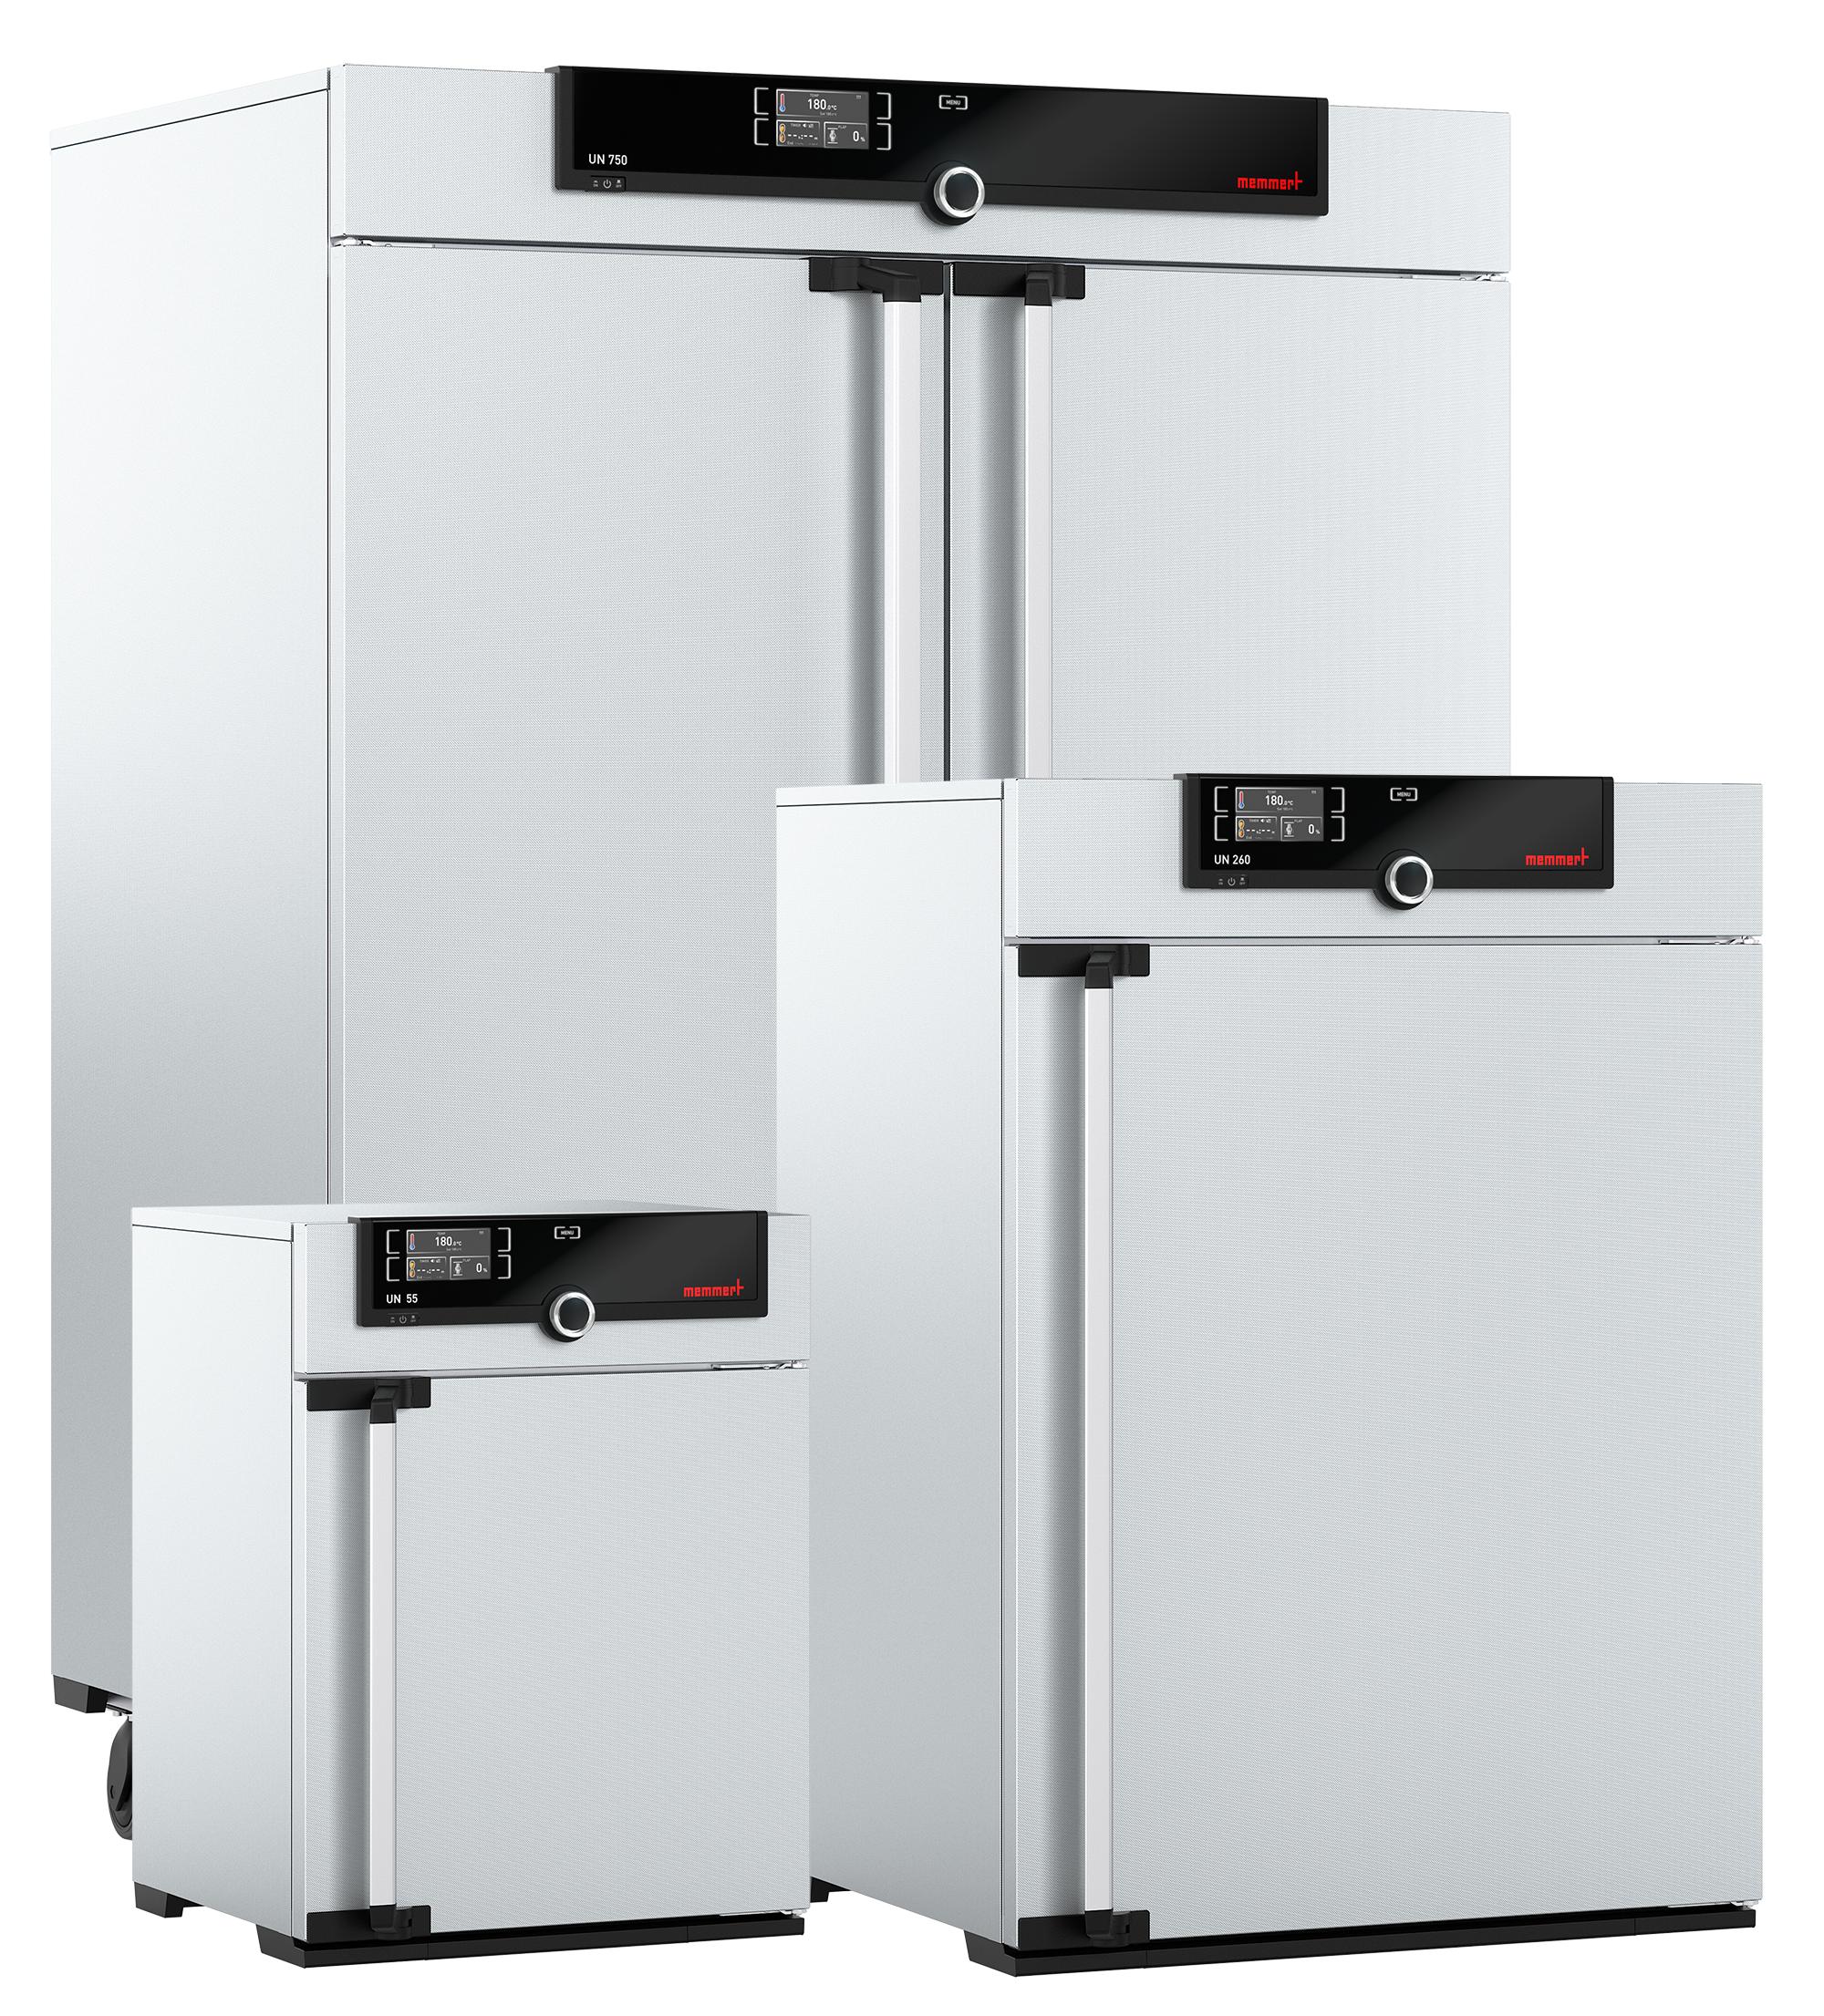 memmert-heating-drying-ovens.png